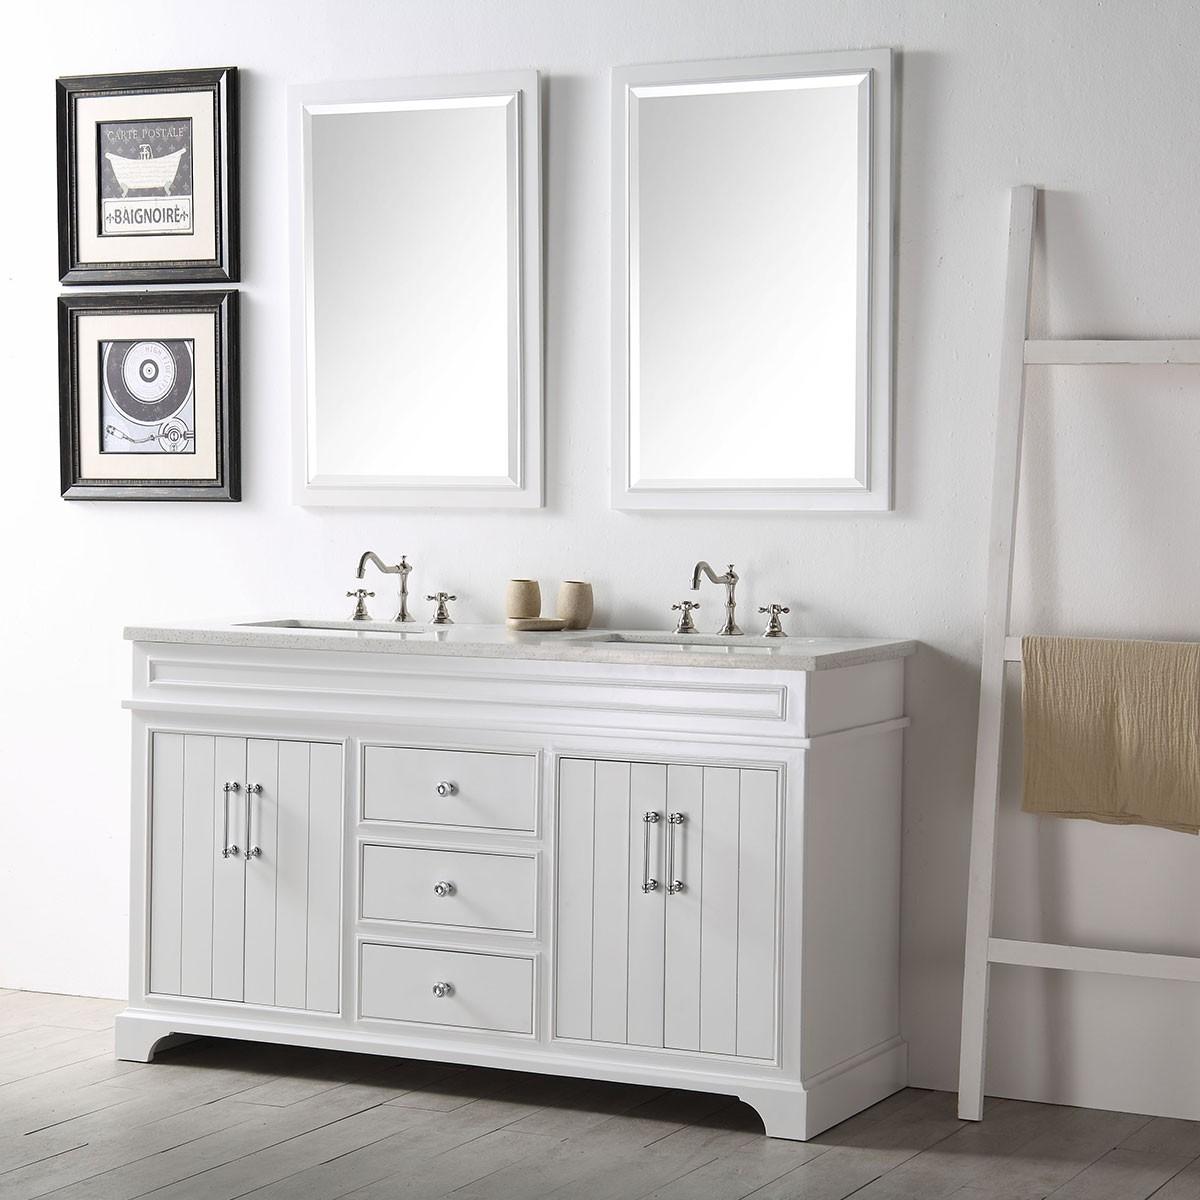 bathroom vanities set. 60 In. Bathroom Vanity Set Without Mirror (DK-6760-W) Vanities